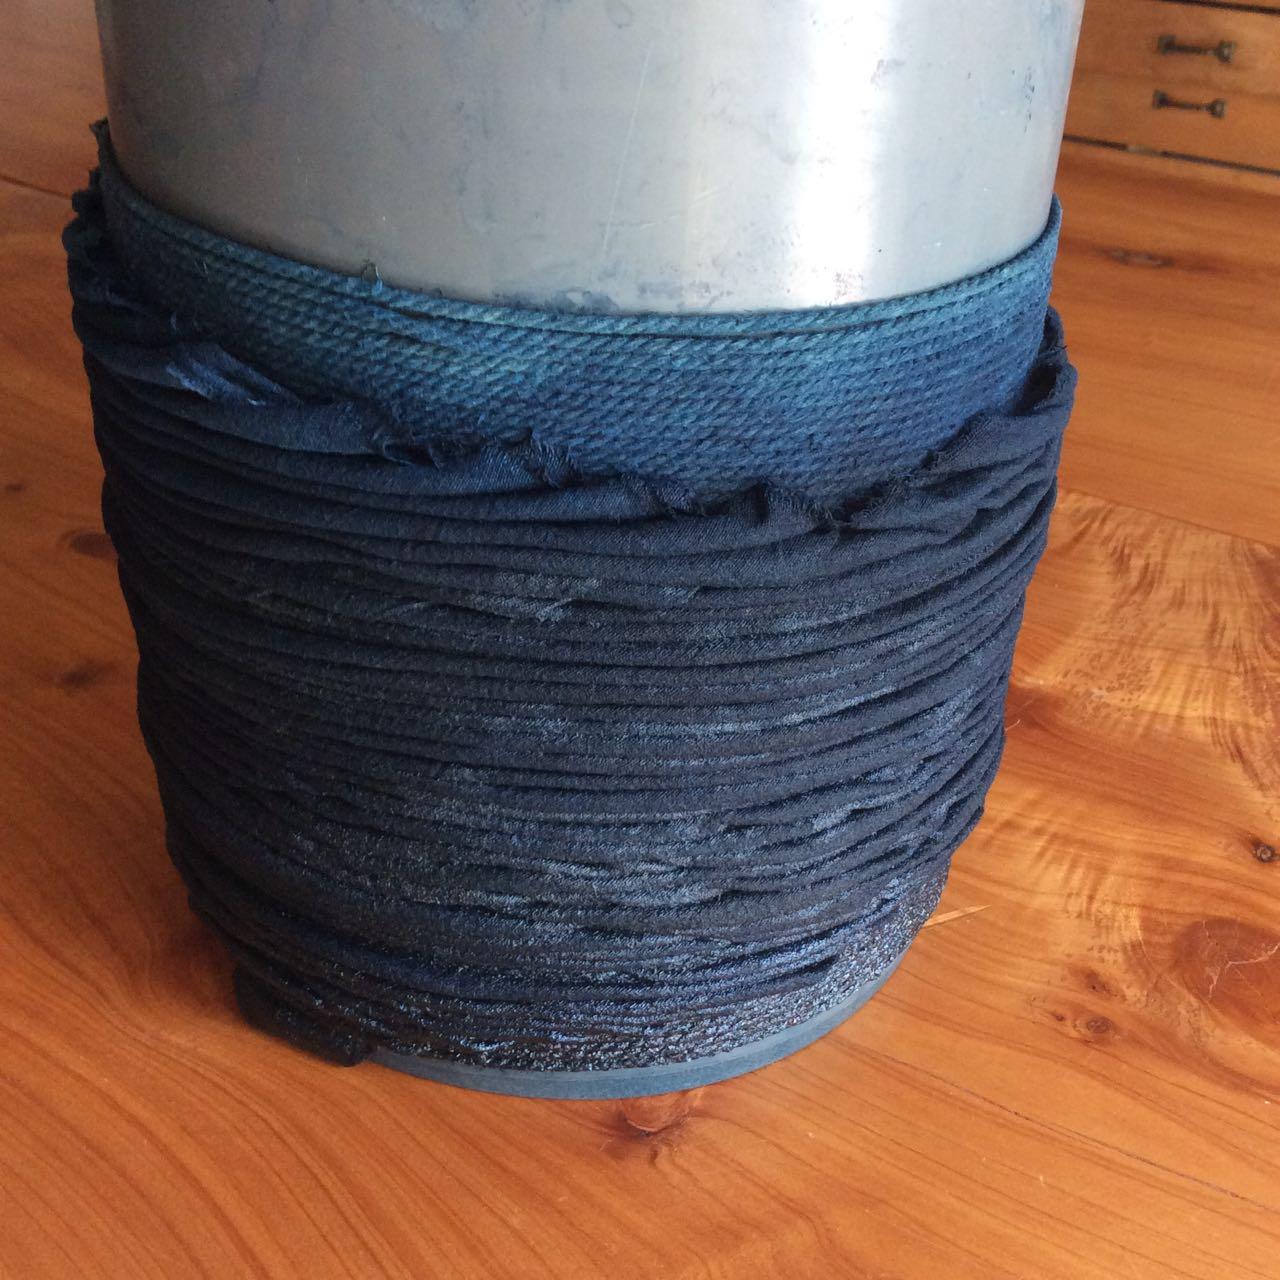 Arashi shibori indigo dye at Mei Line